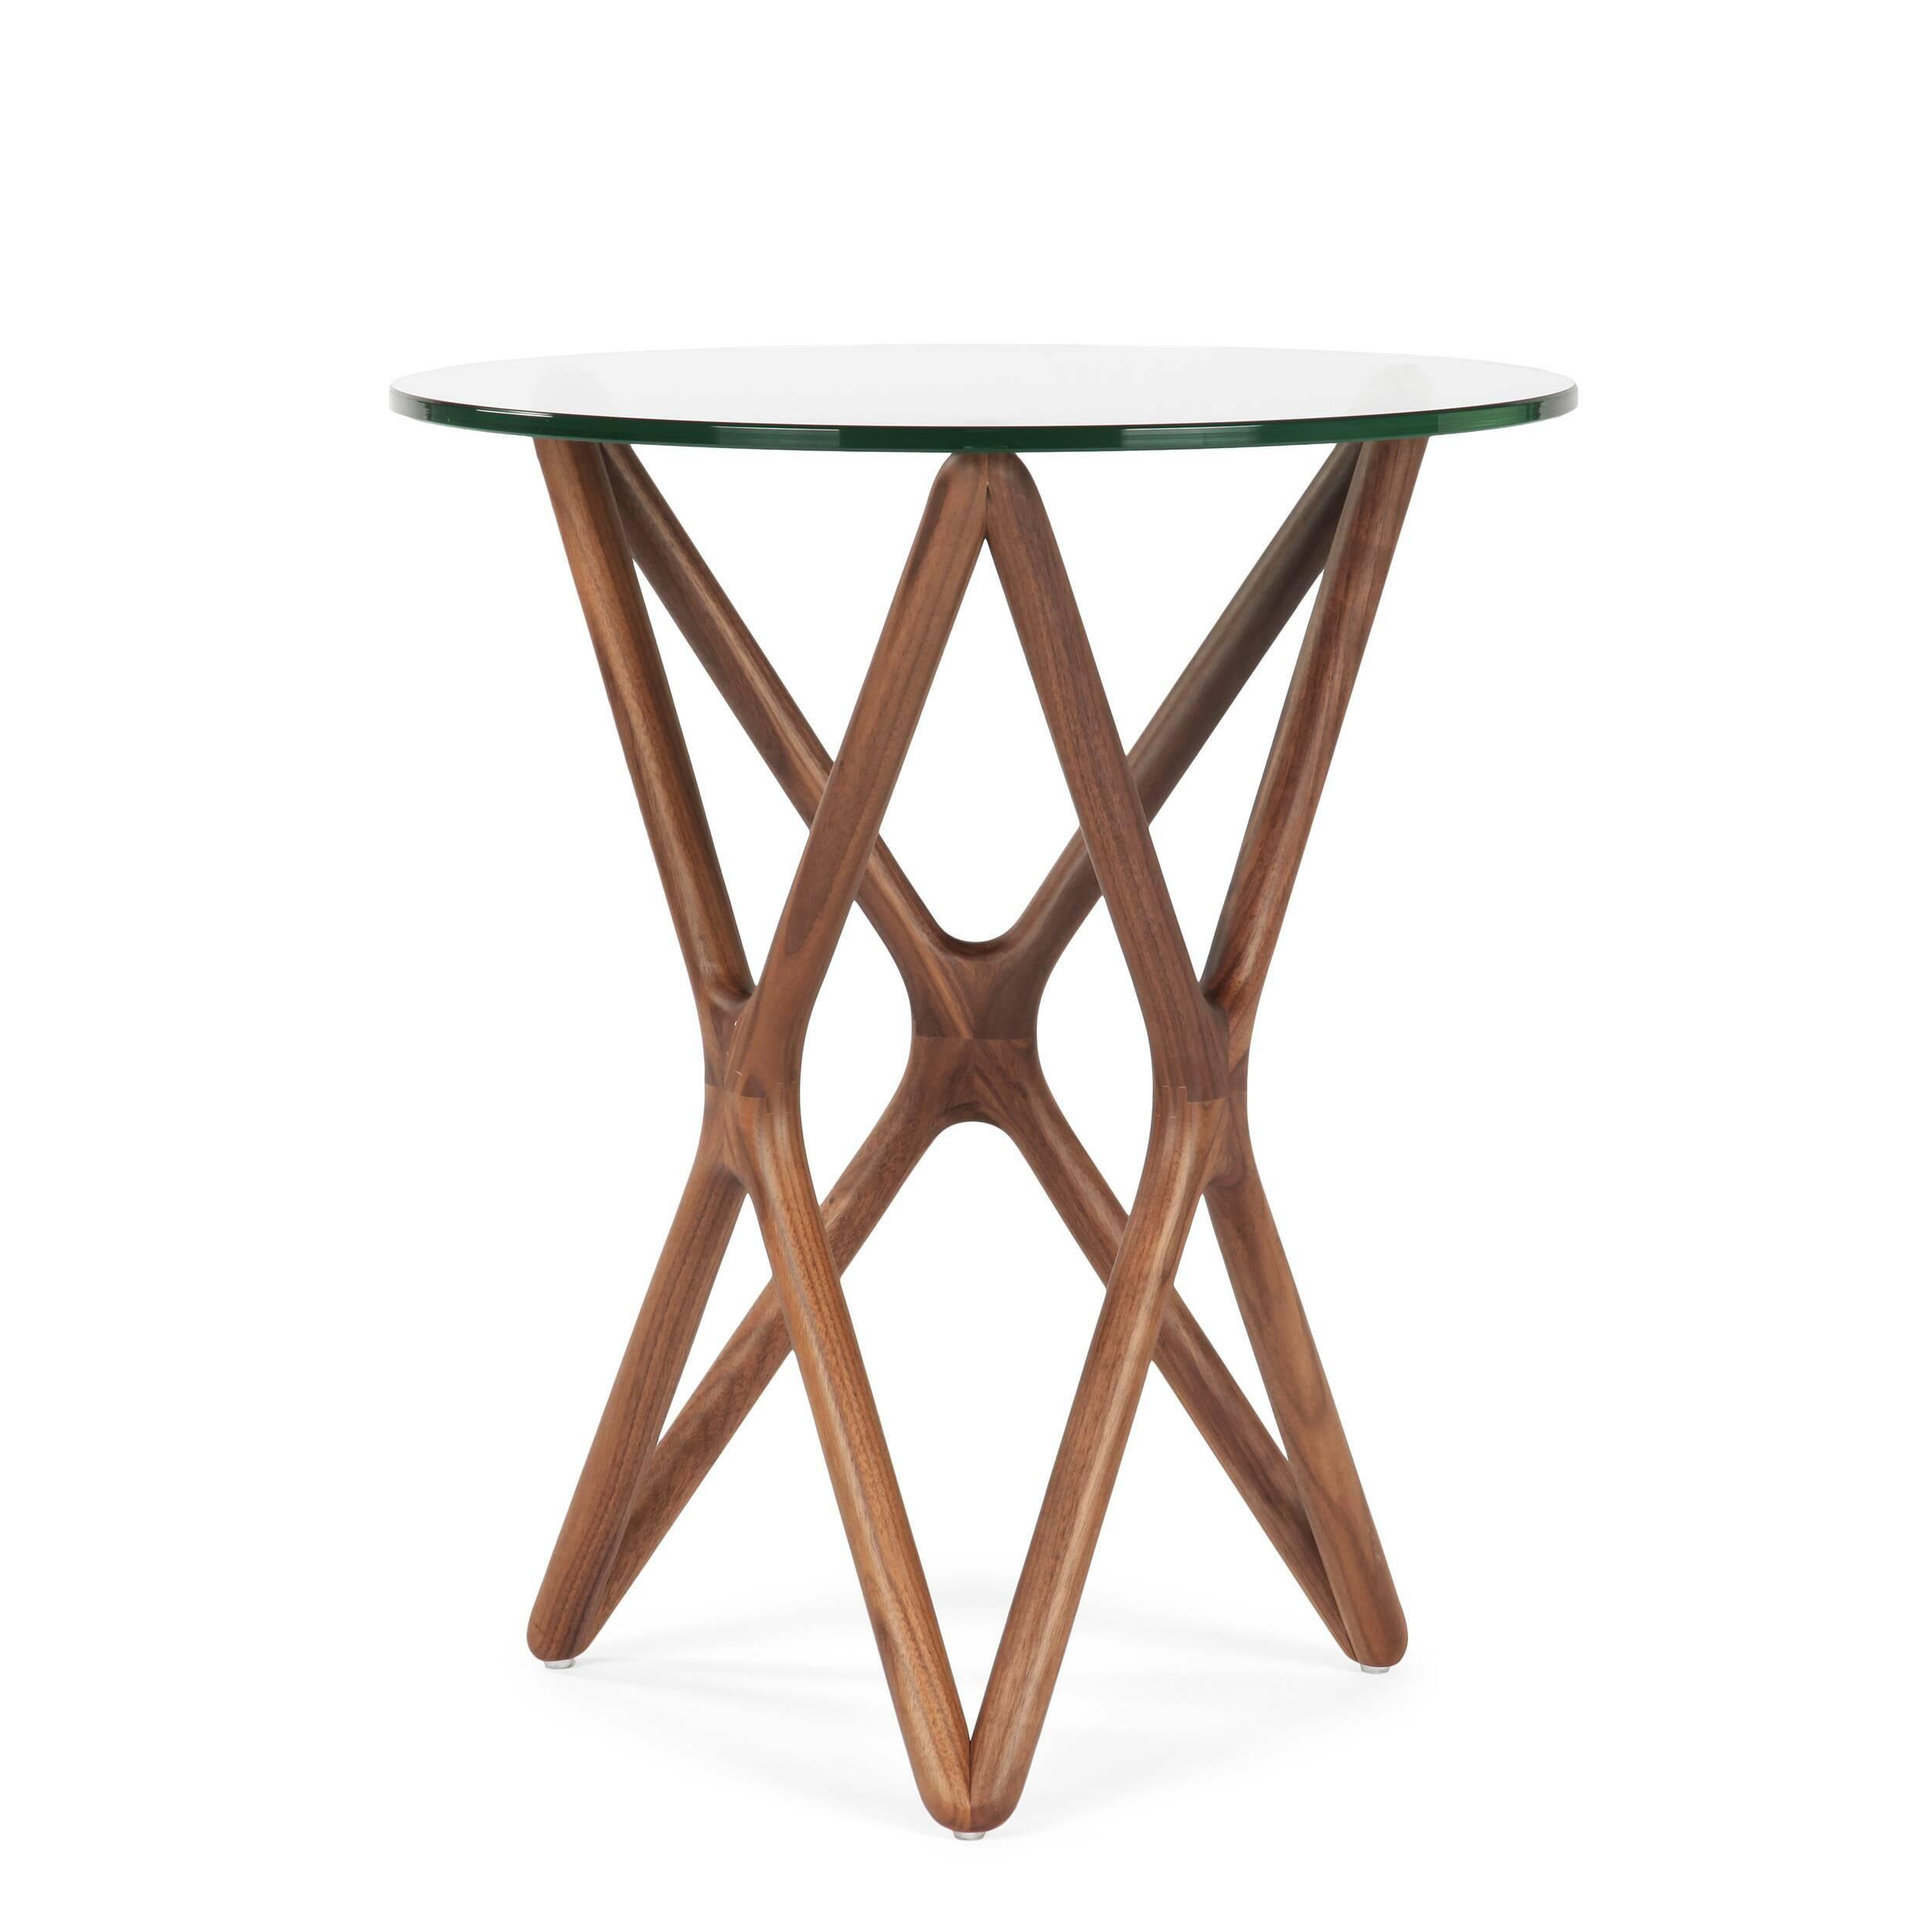 Кофейный стол Triple X высота 56Кофейные столики<br>Дизайнерский высокий узкий кофейный стол Triple X (Трипл Икс) с высотой 56 см со стеклянной столешницей от Cosmo (Космо).<br><br><br> Кофейный столик — незаменимый предмет обихода, который обычно располагается в гостиной или в том месте квартиры, где выделена зона отдыха. Стильный и необычный кофейный стол Triple X высота 56 порадует тех, кто любит комфорт и индивидуальность в интерьере.<br><br><br> Оригинальный кофейный стол Triple X высота 56 компактен и удобен в использовании. Столик изготовлен в д...<br><br>stock: 4<br>Высота: 56<br>Диаметр: 47<br>Цвет ножек: Орех американский<br>Цвет столешницы: Прозрачный<br>Материал ножек: Массив ореха<br>Тип материала столешницы: Стекло закаленное<br>Тип материала ножек: Дерево